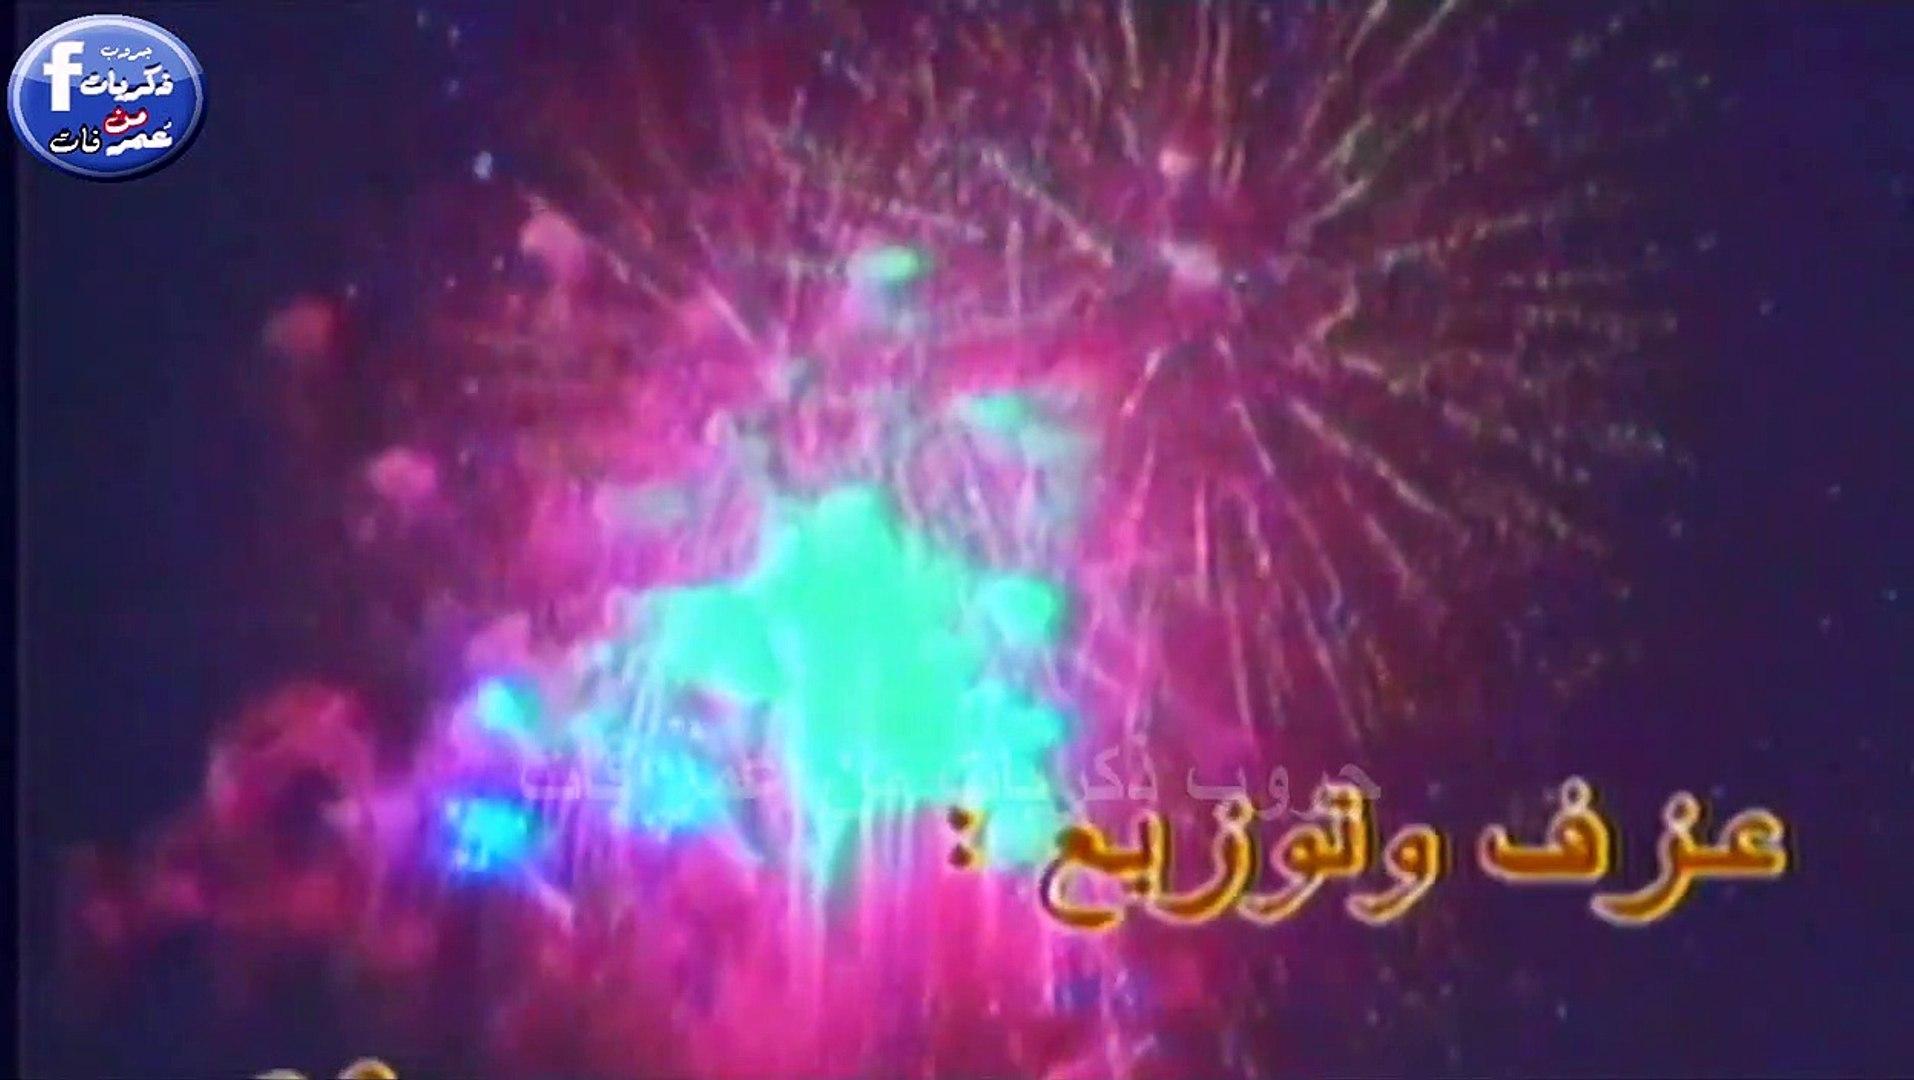 موسيقى بعودة يا رمضان توزيع جيتار عصام خالد فيديو Dailymotion